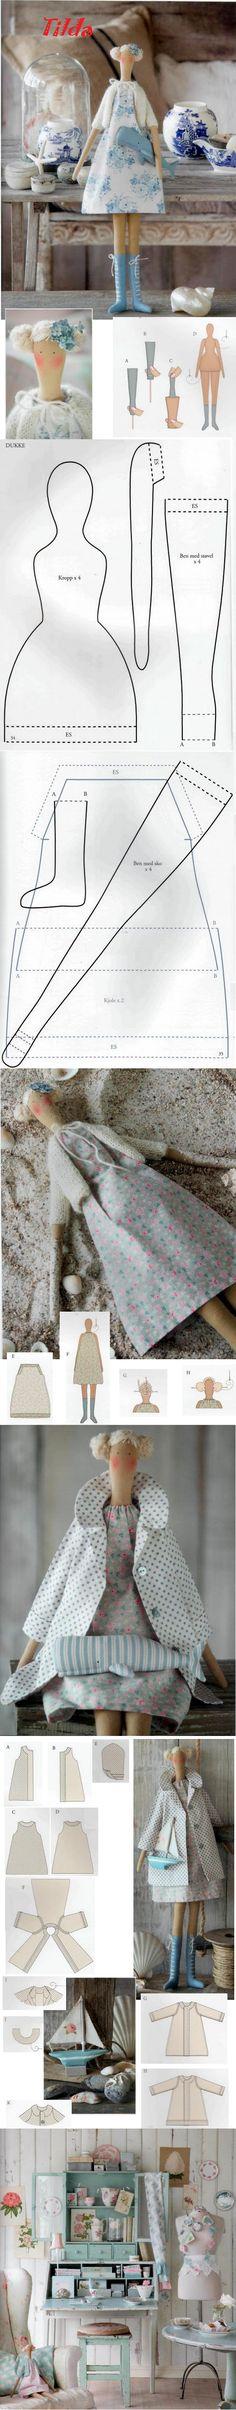 Tillda rag doll pattern for body clothing (from Tilda Somerliv Magazine)